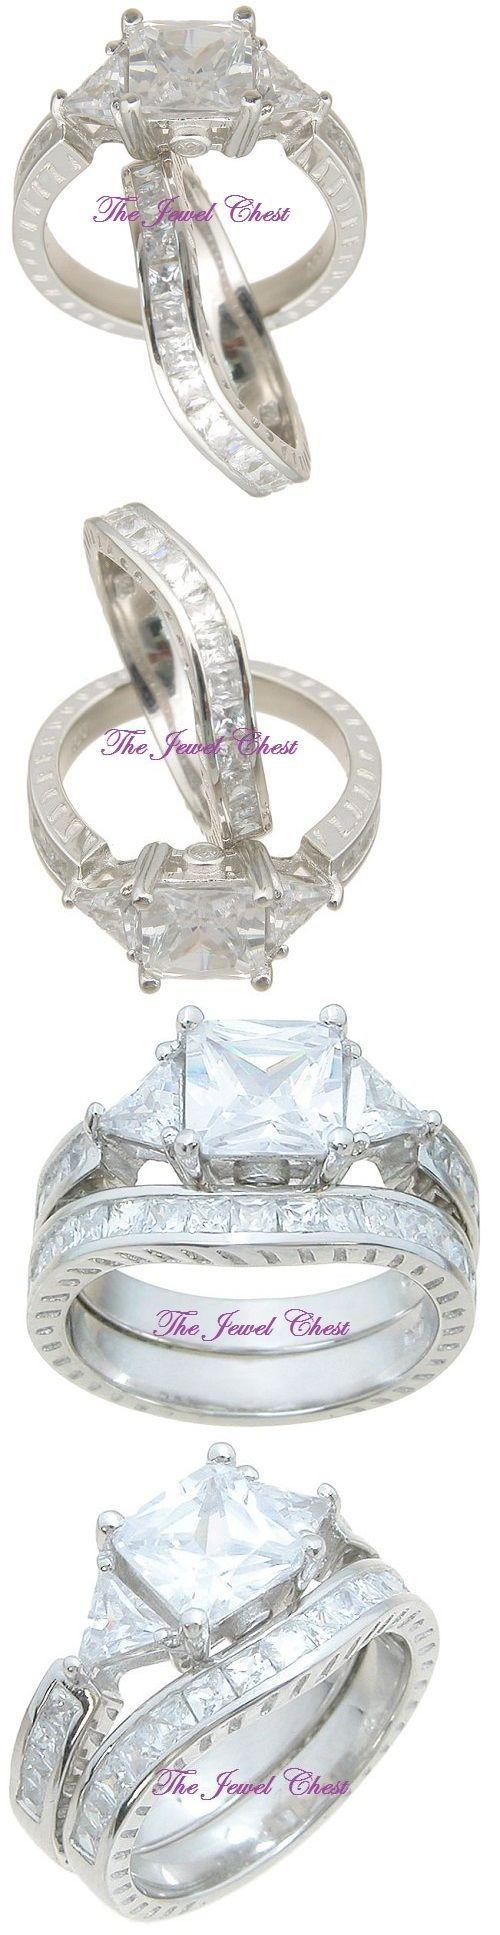 ebay eheringe ebay wedding ring sets Other Wedding Ring Sets 3 50 Ct Princess Trillion Diamond Antique Engagement Ring Set White